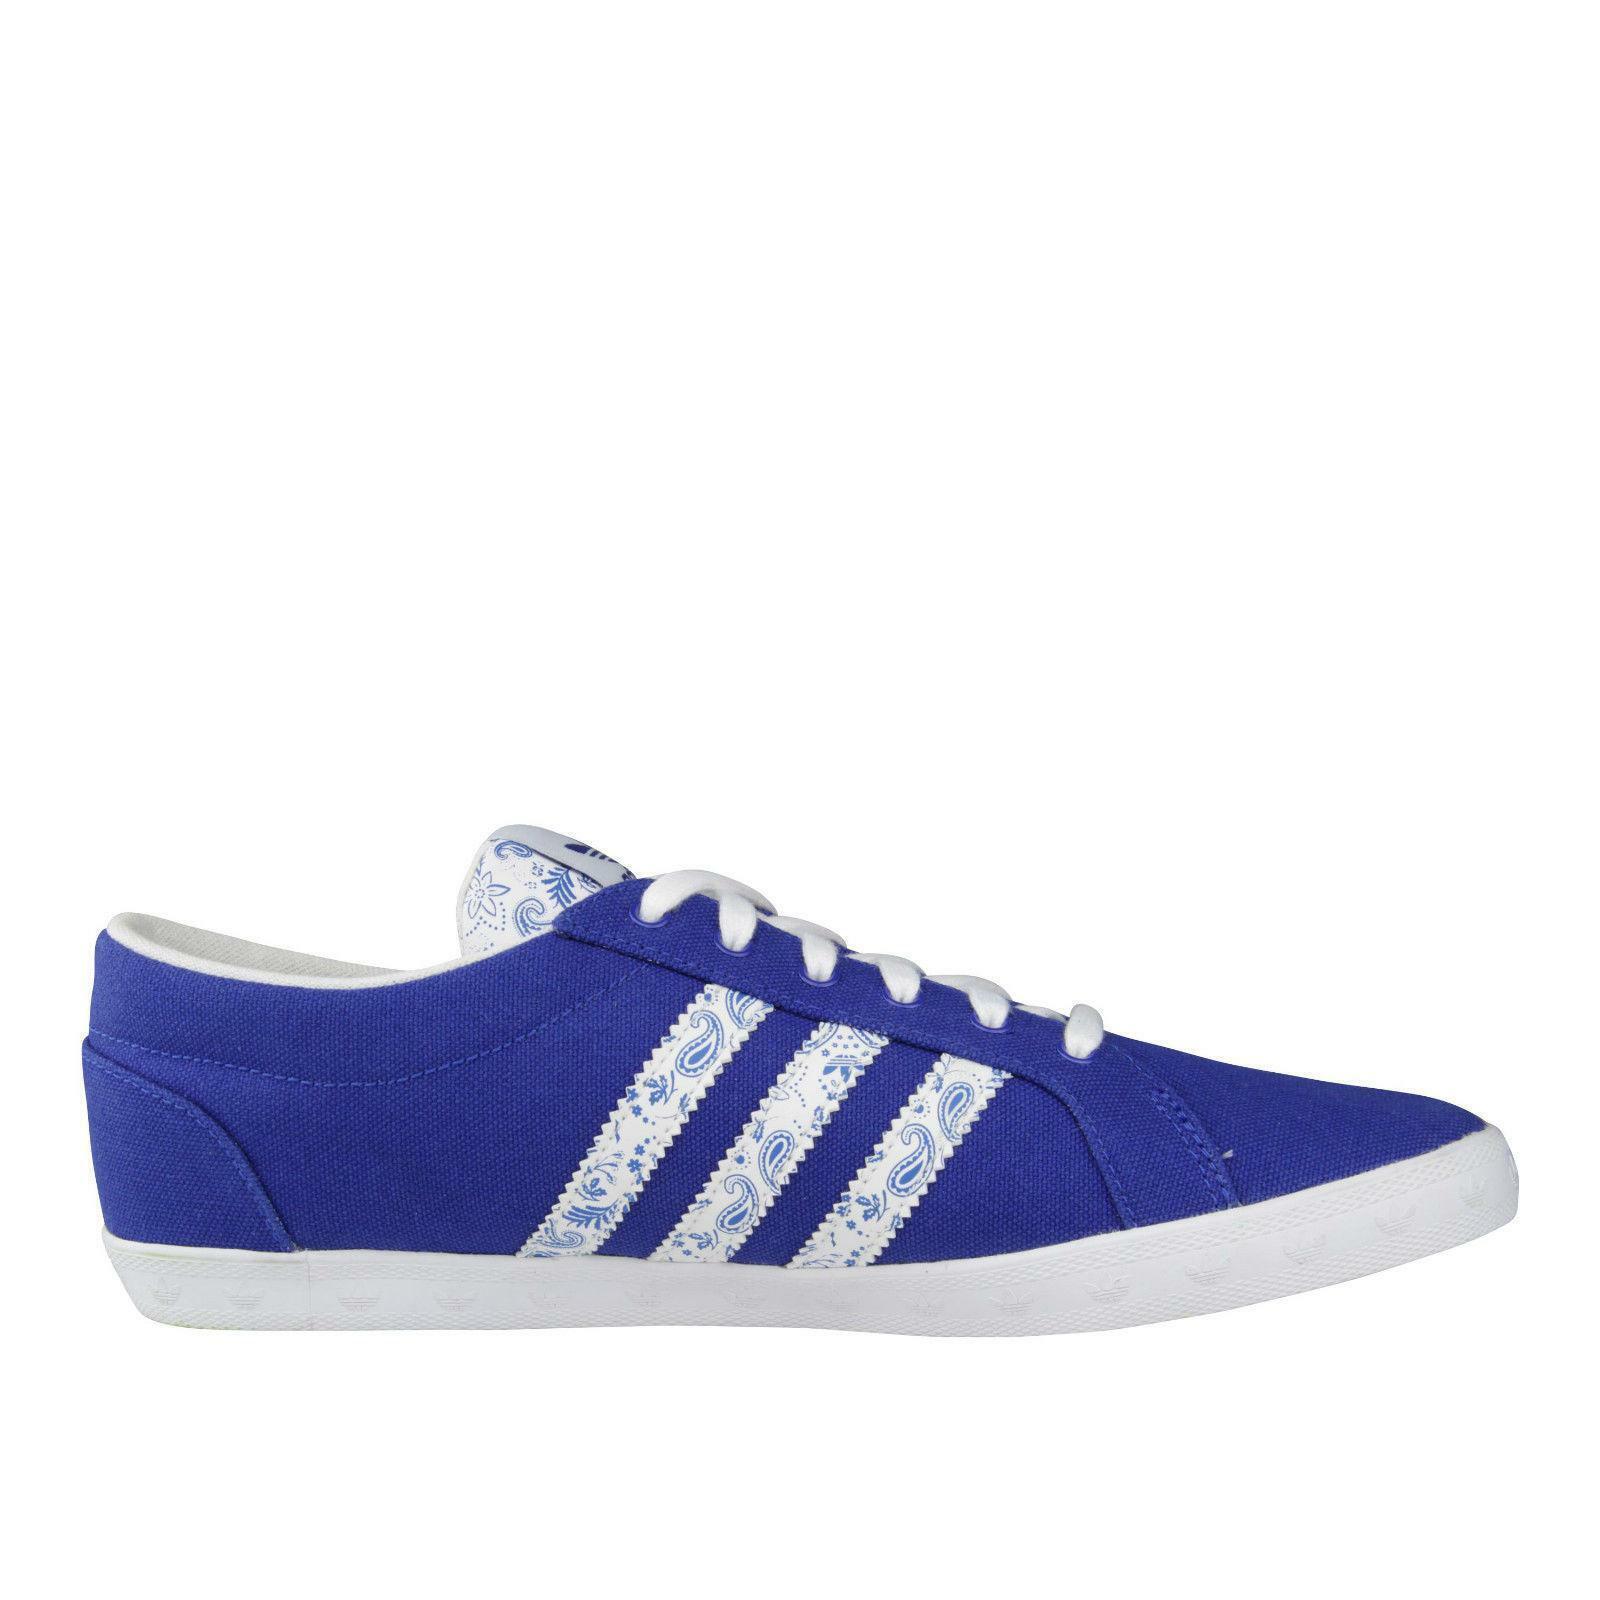 Adidas femmes Butter Flip Bas bleu Baskets Toile Q34349